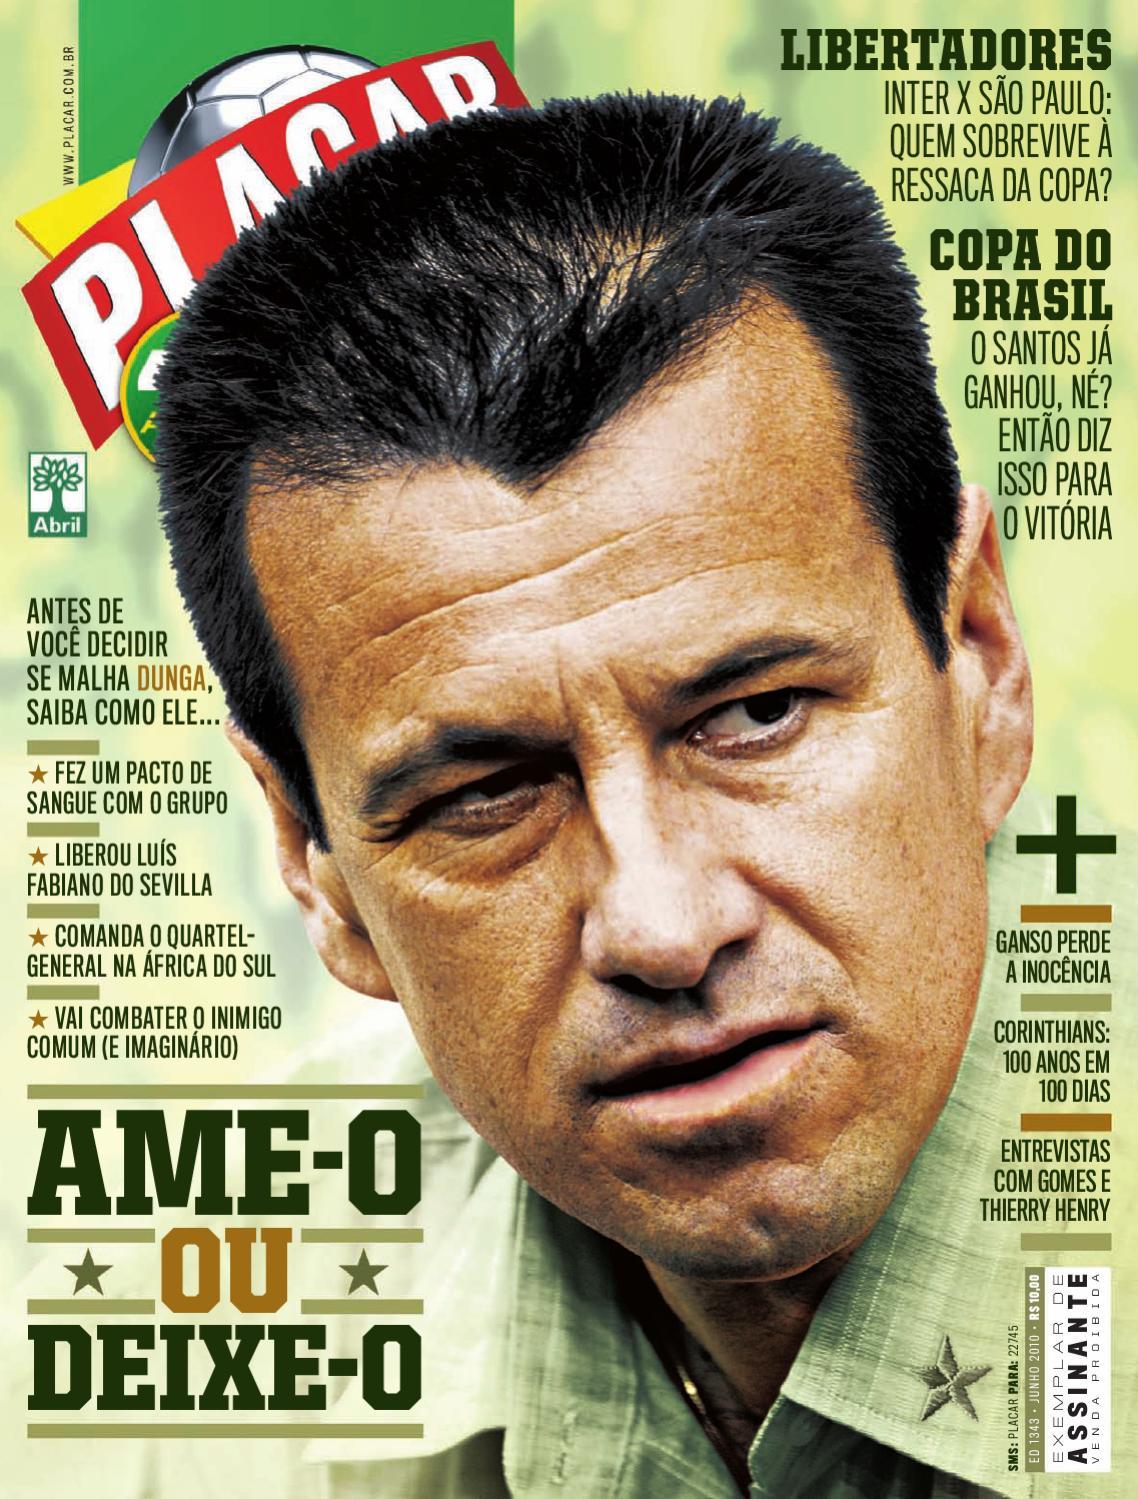 Resultado de imagem para capas de placar decisão paulista 1977